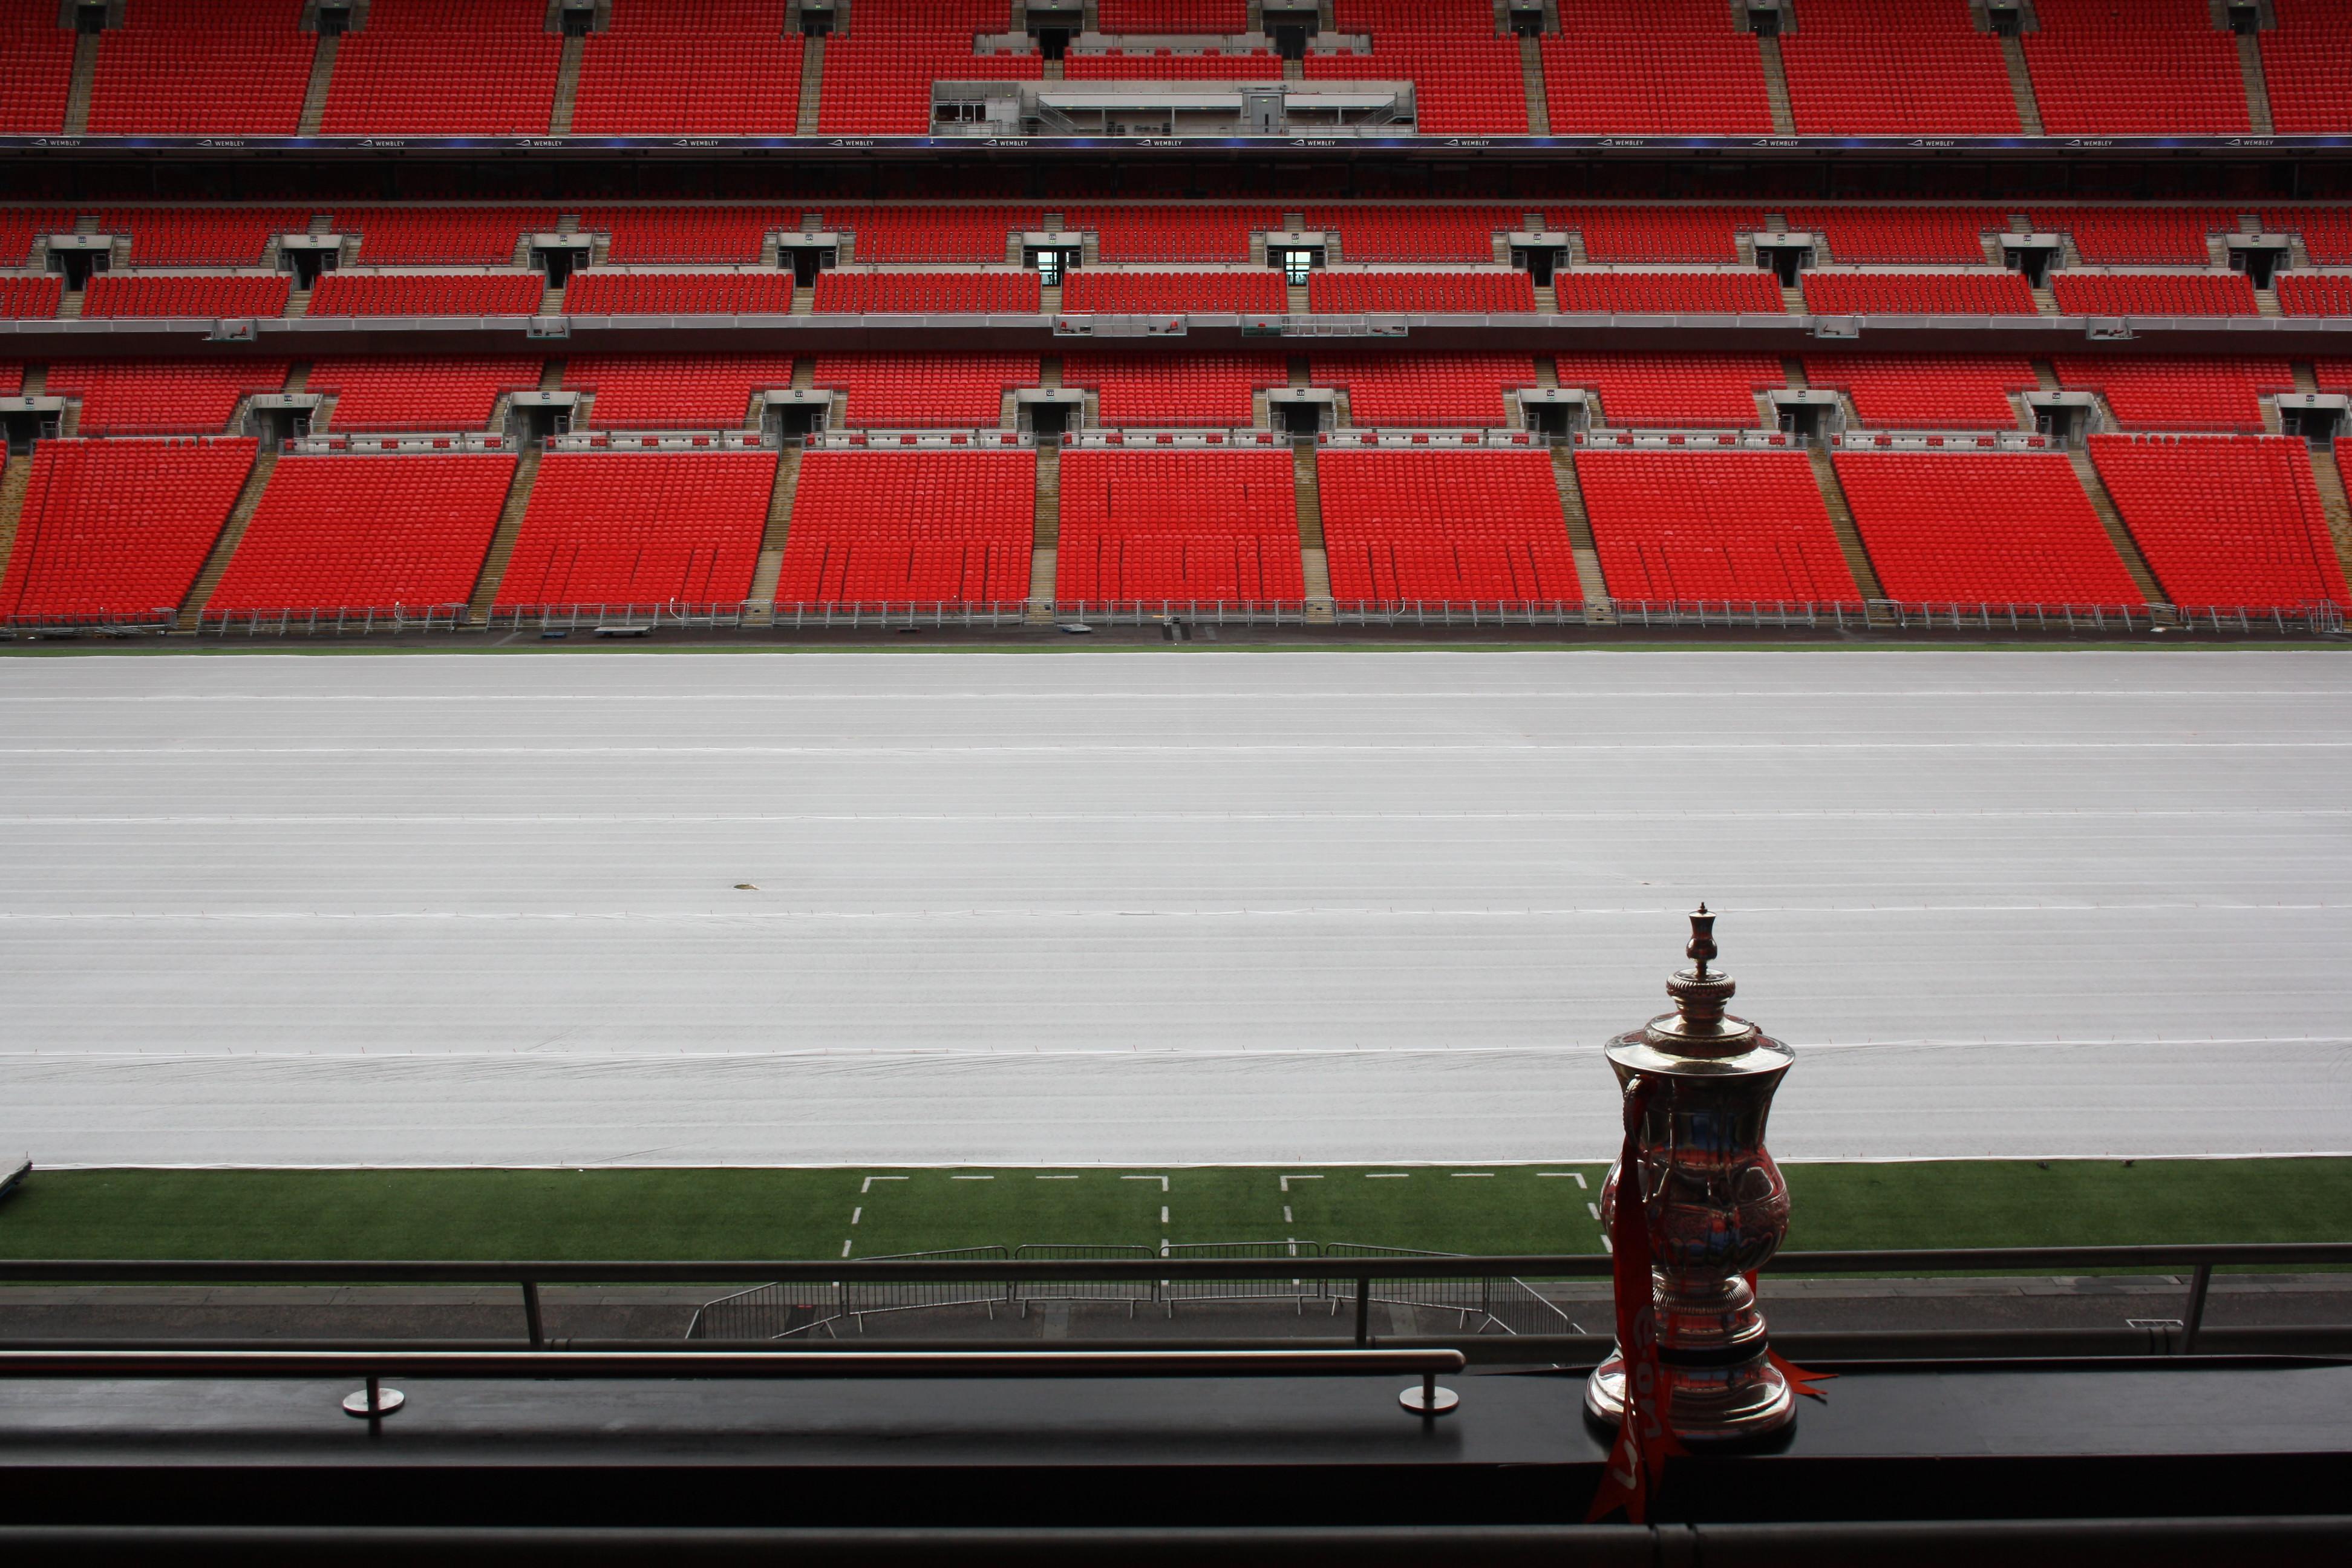 Replica FA Cup at Wembley